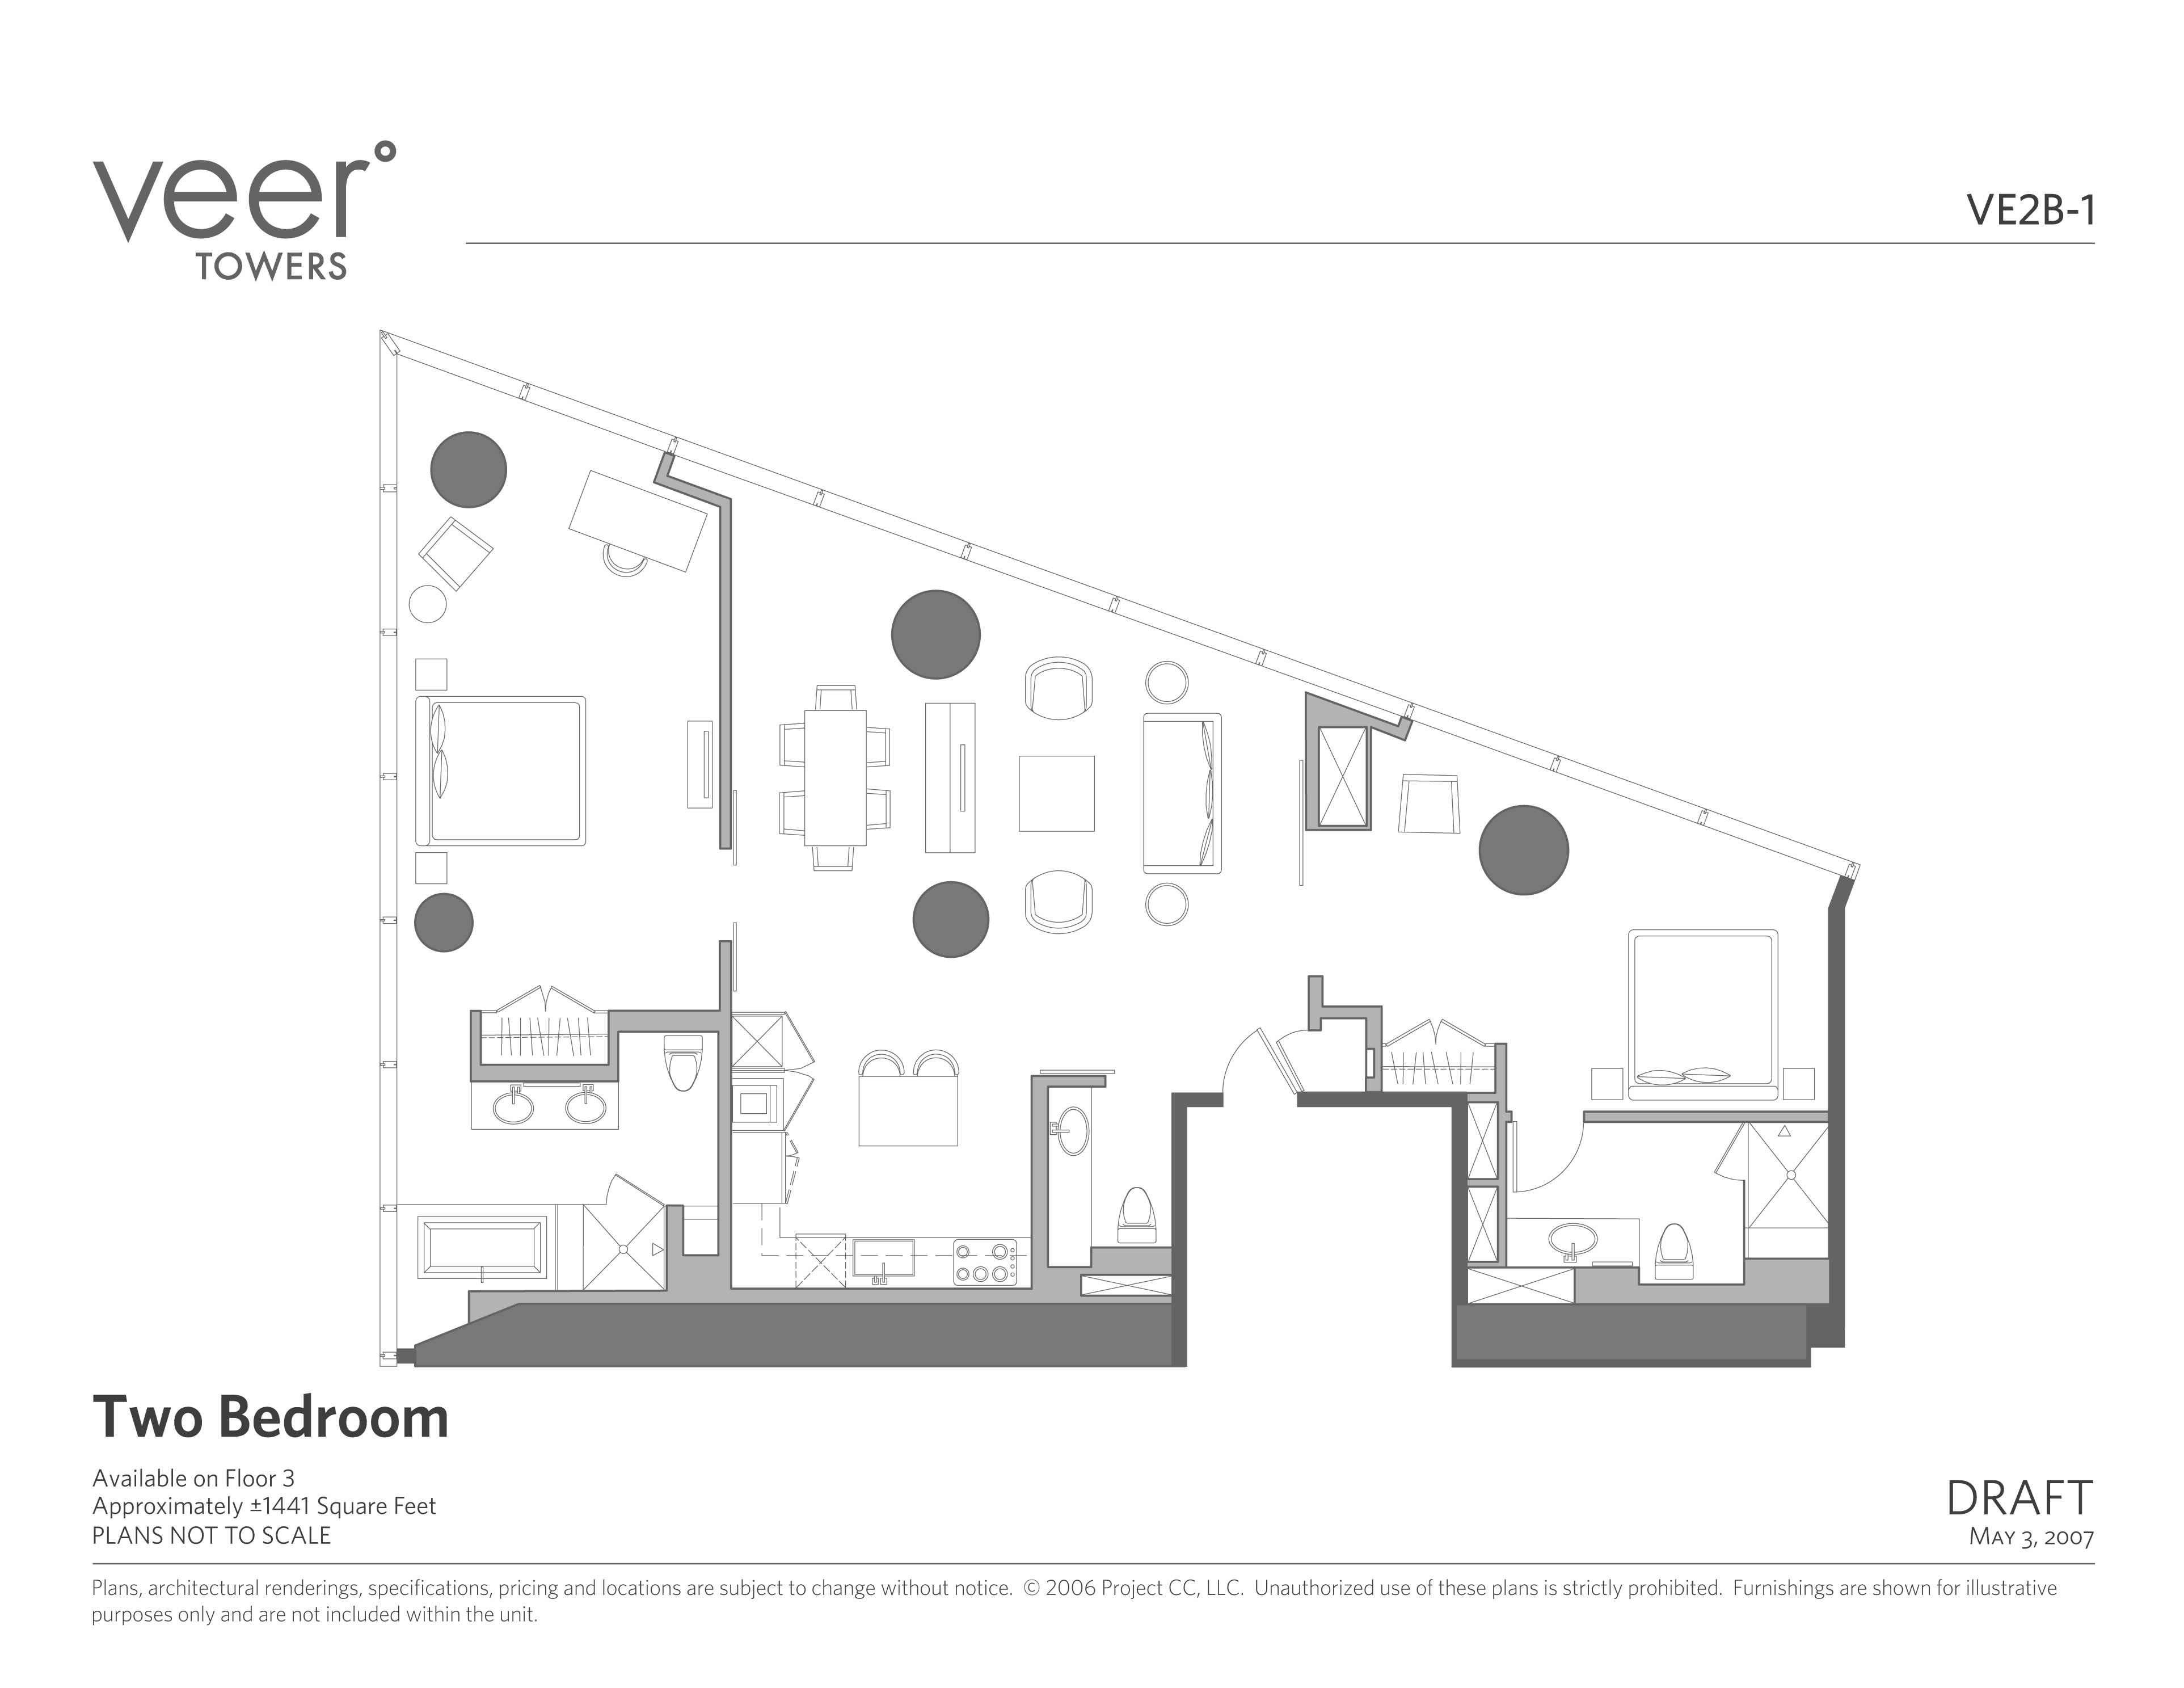 Floor Plans Of Veer Towers At Citycenter Las Vegas Las